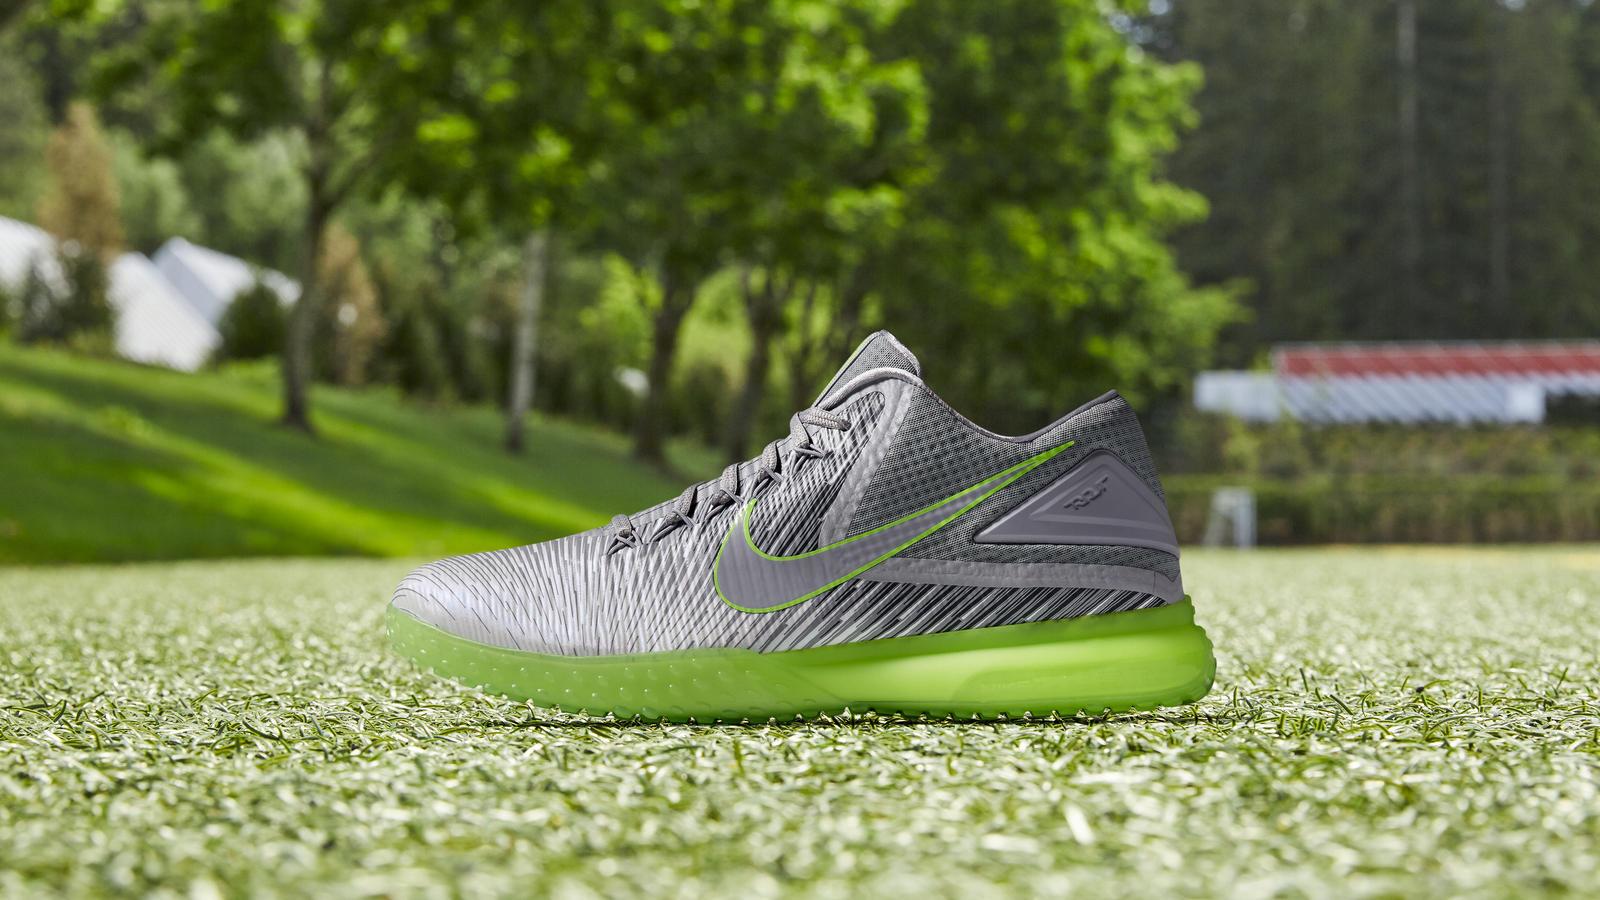 Nike news sneaker feed trout 2593 hd 1600